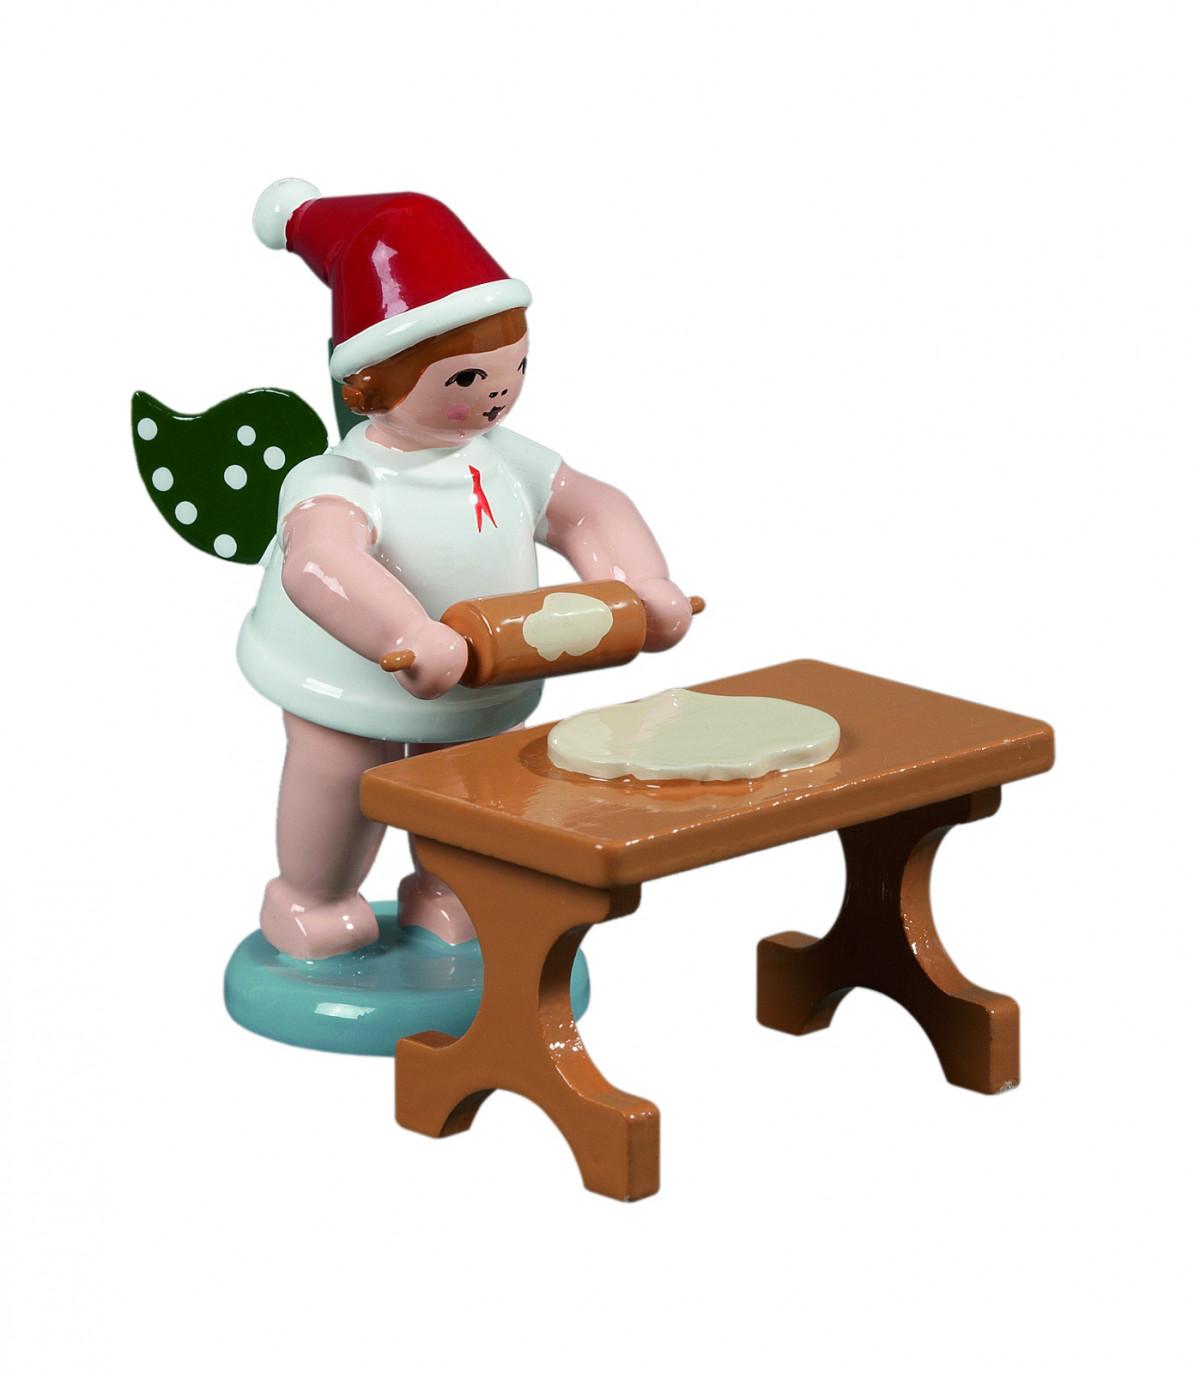 Tisch Ohne Füße ~ Weihnachtsengel mit Teigrolle am Tisch ohne Krone ♦ Engelfiguren ♦ Engel ♦ We